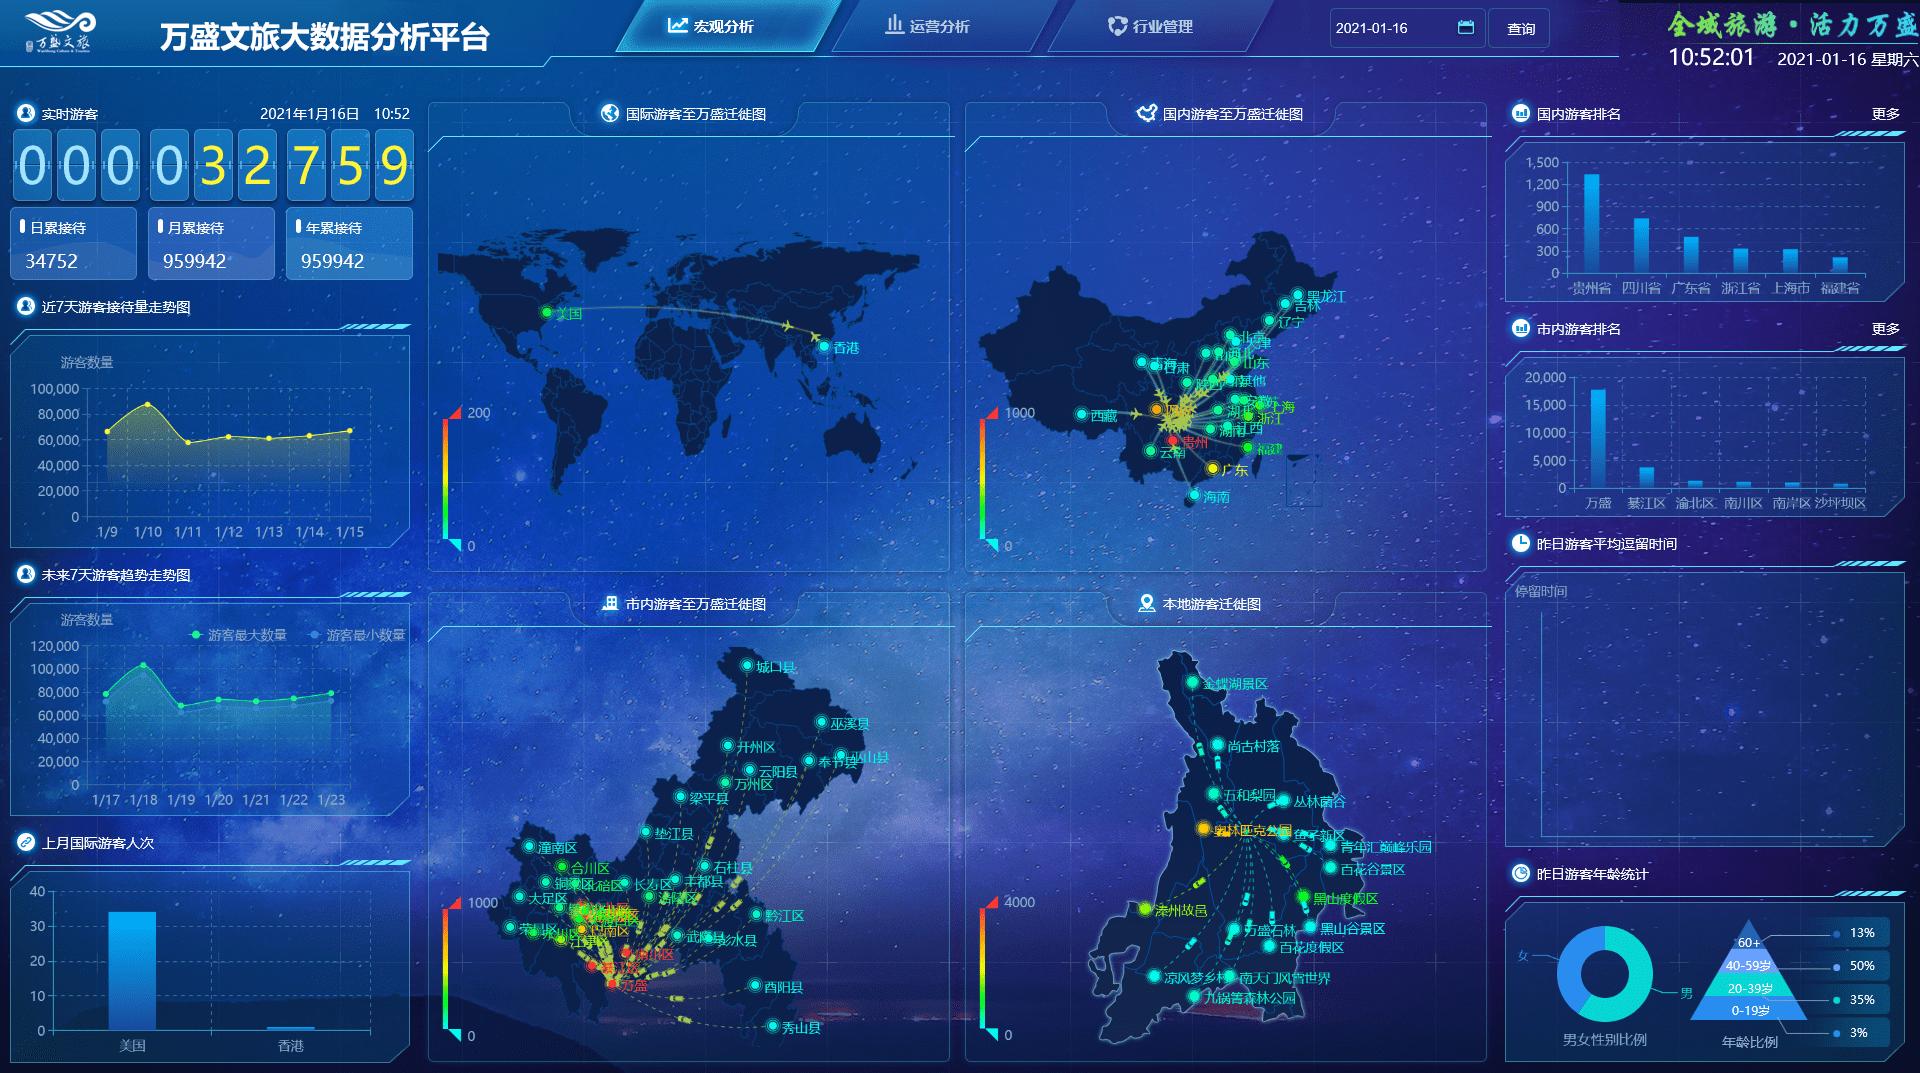 重庆万盛获评全国全域旅游示范区 中兴网信承建智慧旅游助力